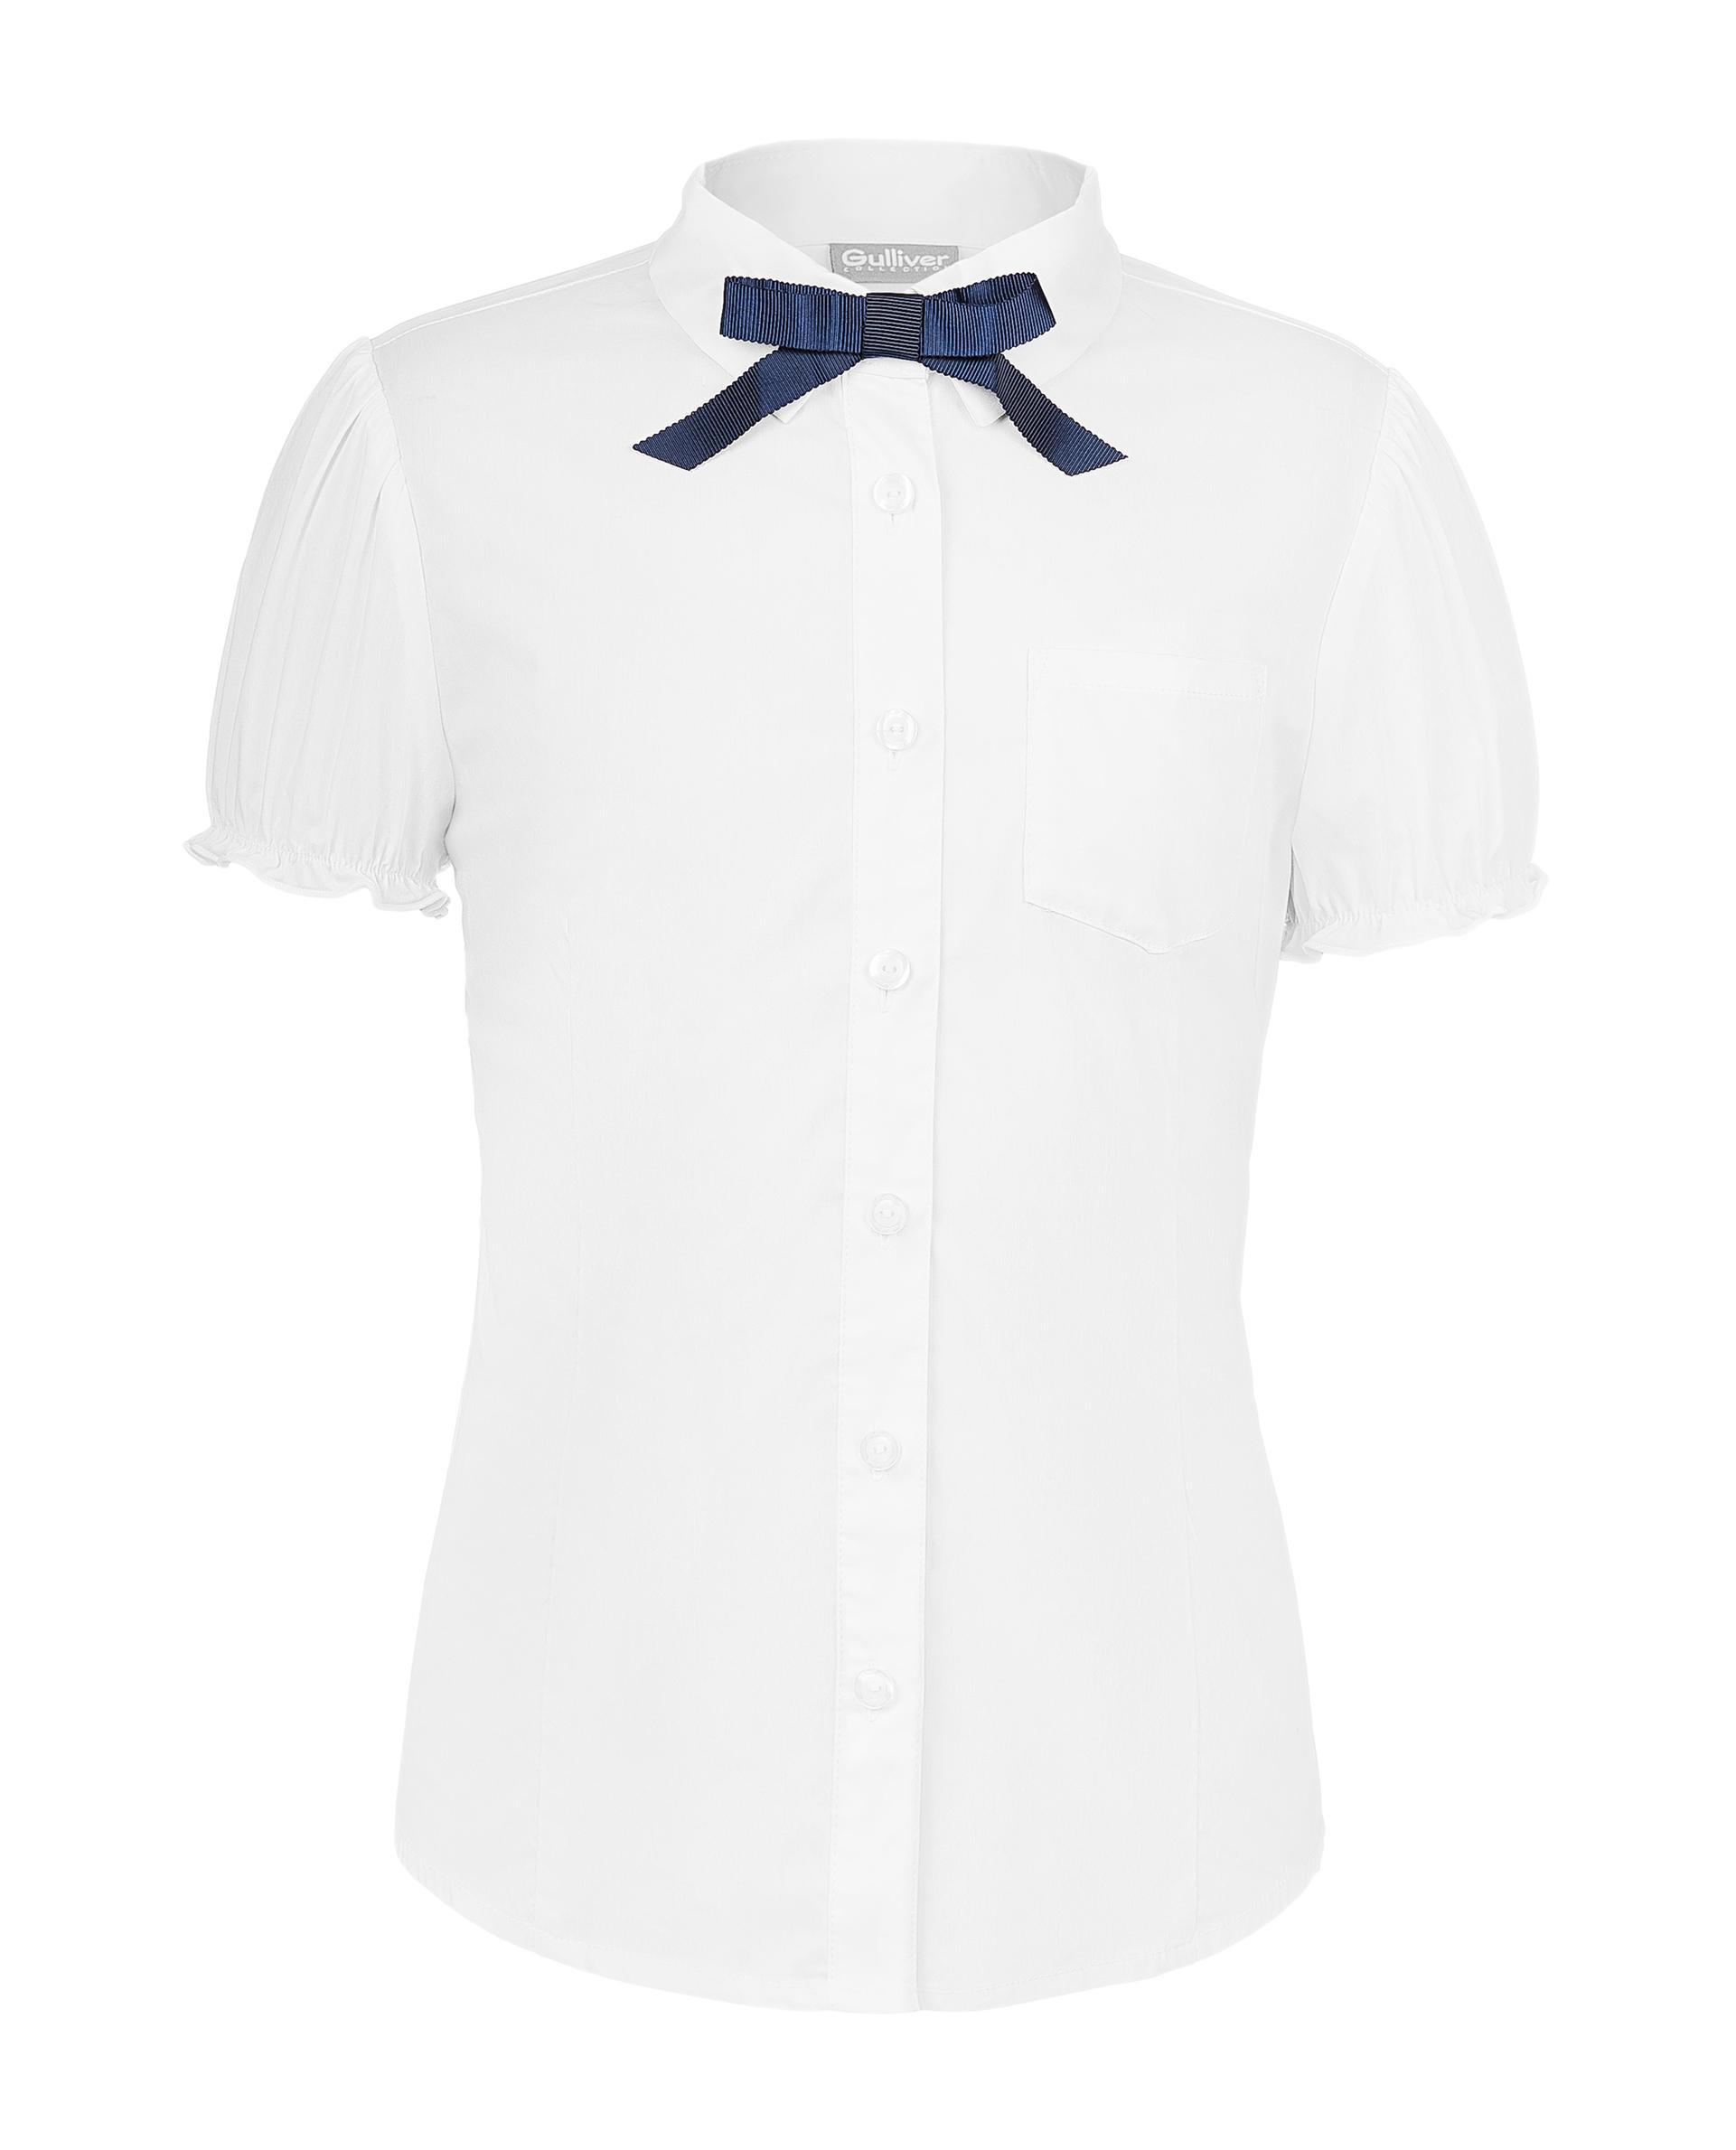 Блузка для девочек Gulliver, цв. белый, р.140 219GSGC2211